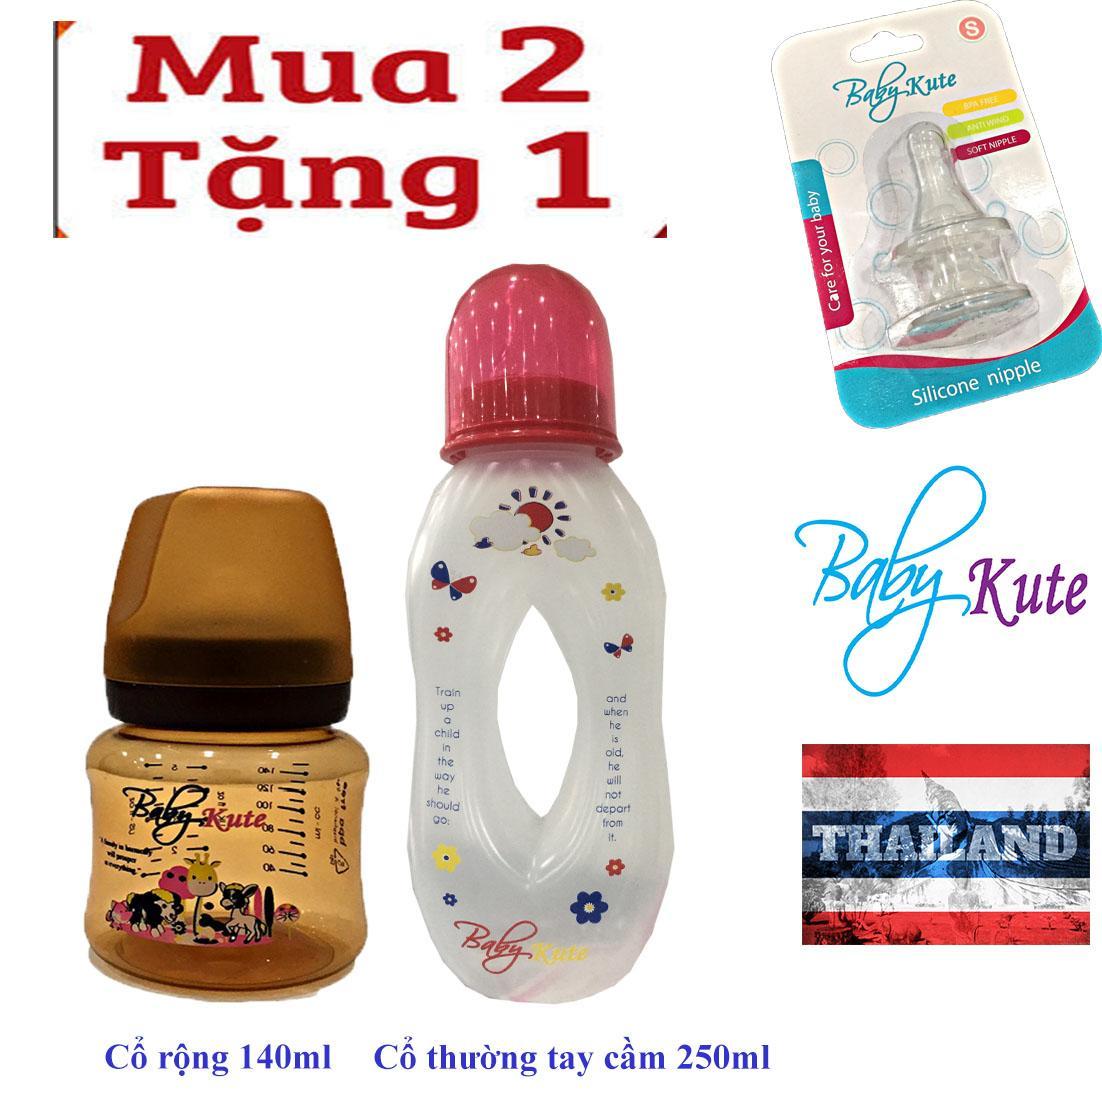 Combo 2 bình sữa cổ rộng 140ml và bình tay cầm 250ml -Tặng 2 núm vú silicon Siêu Mềm trị...